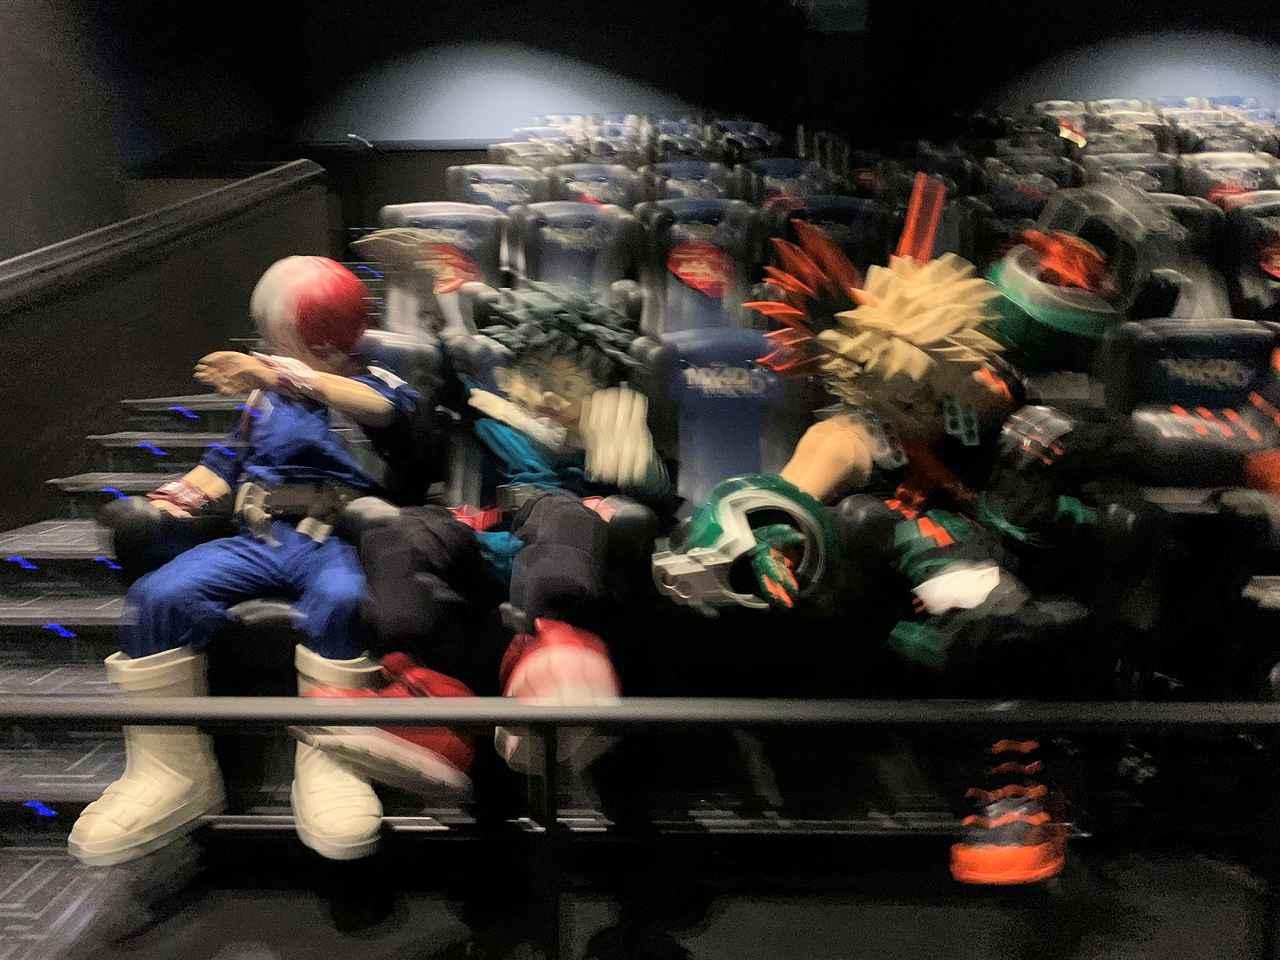 画像3: 4D上映を一足先に「ヒロアカ応援ヒーロー」のデクくん・爆豪くん・轟くんの3人が劇場で体感